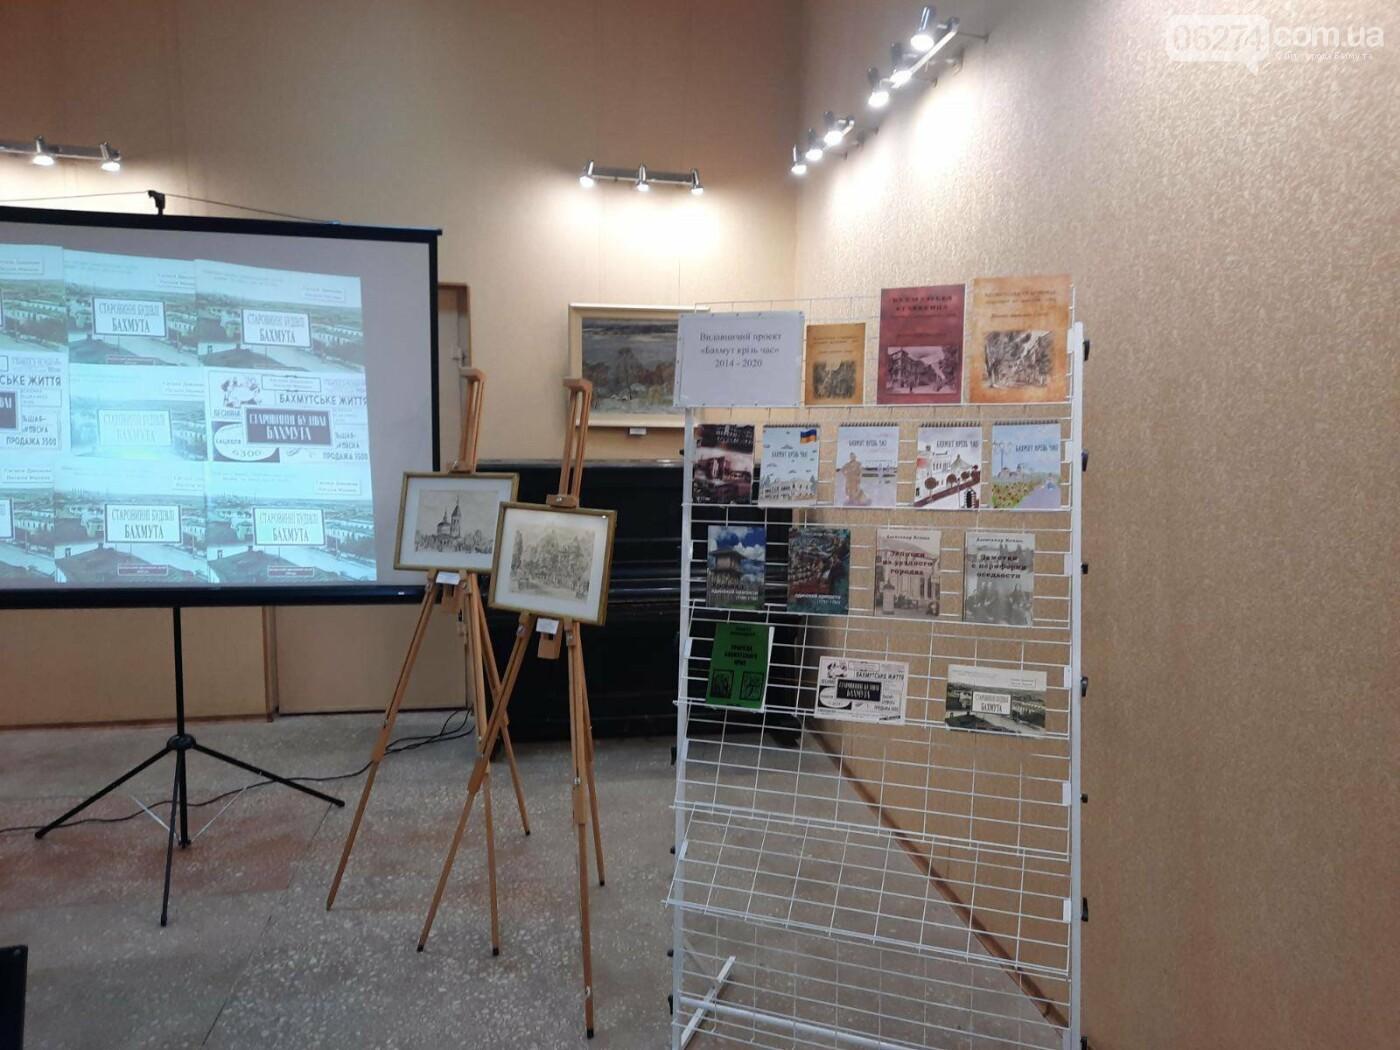 В краеведческом музее презентовали проект «Бахмут сквозь время», фото-3